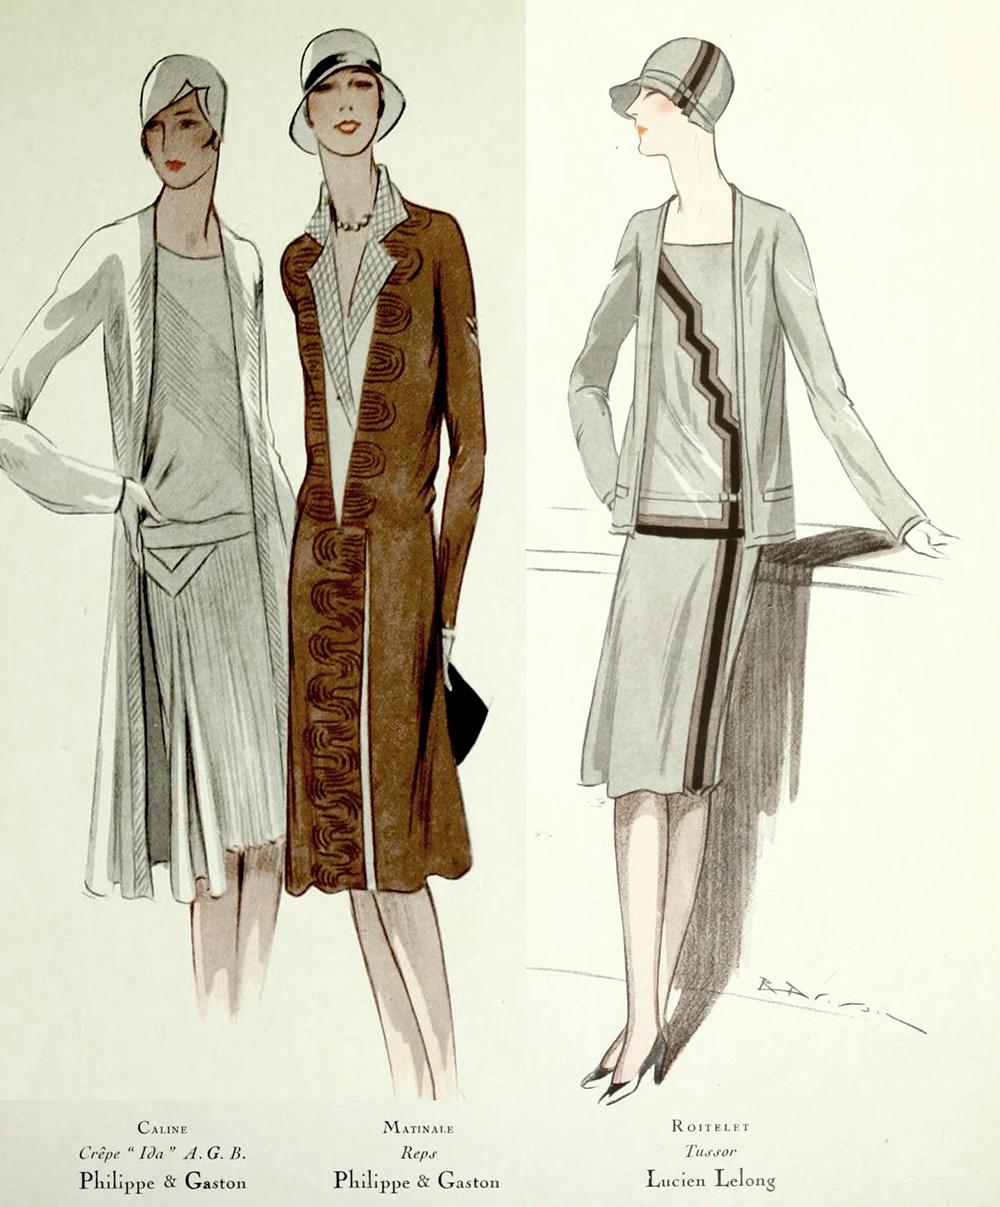 1920s Fashion - Paris 1928 - Philippe & Gaston, Lucien Lelong